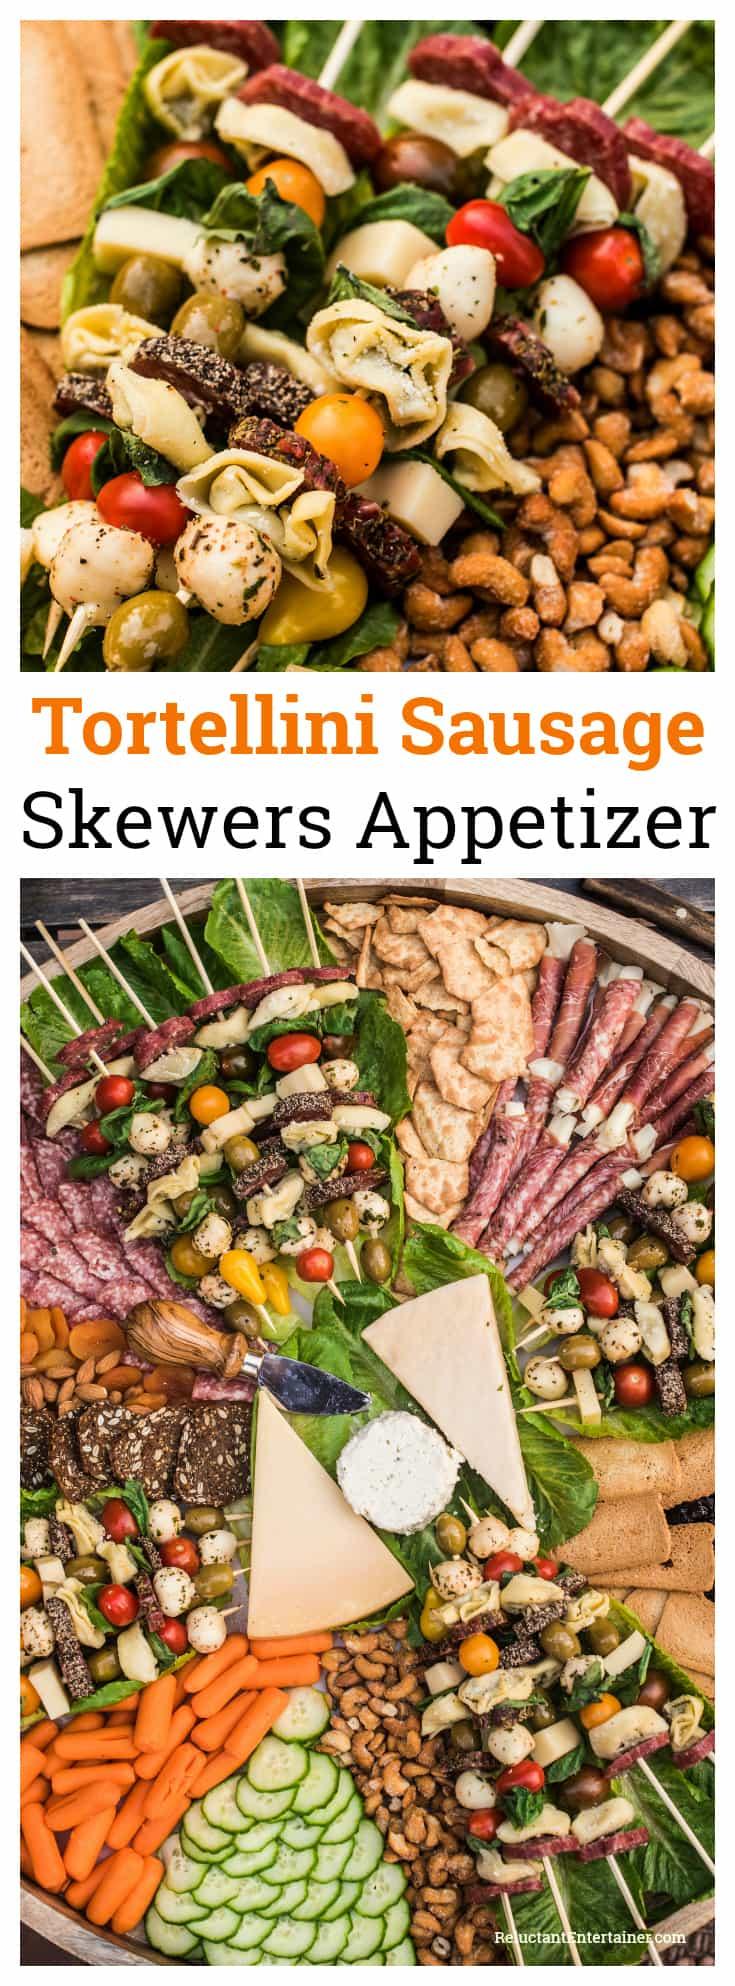 Tortellini Sausage Skewers Appetizer